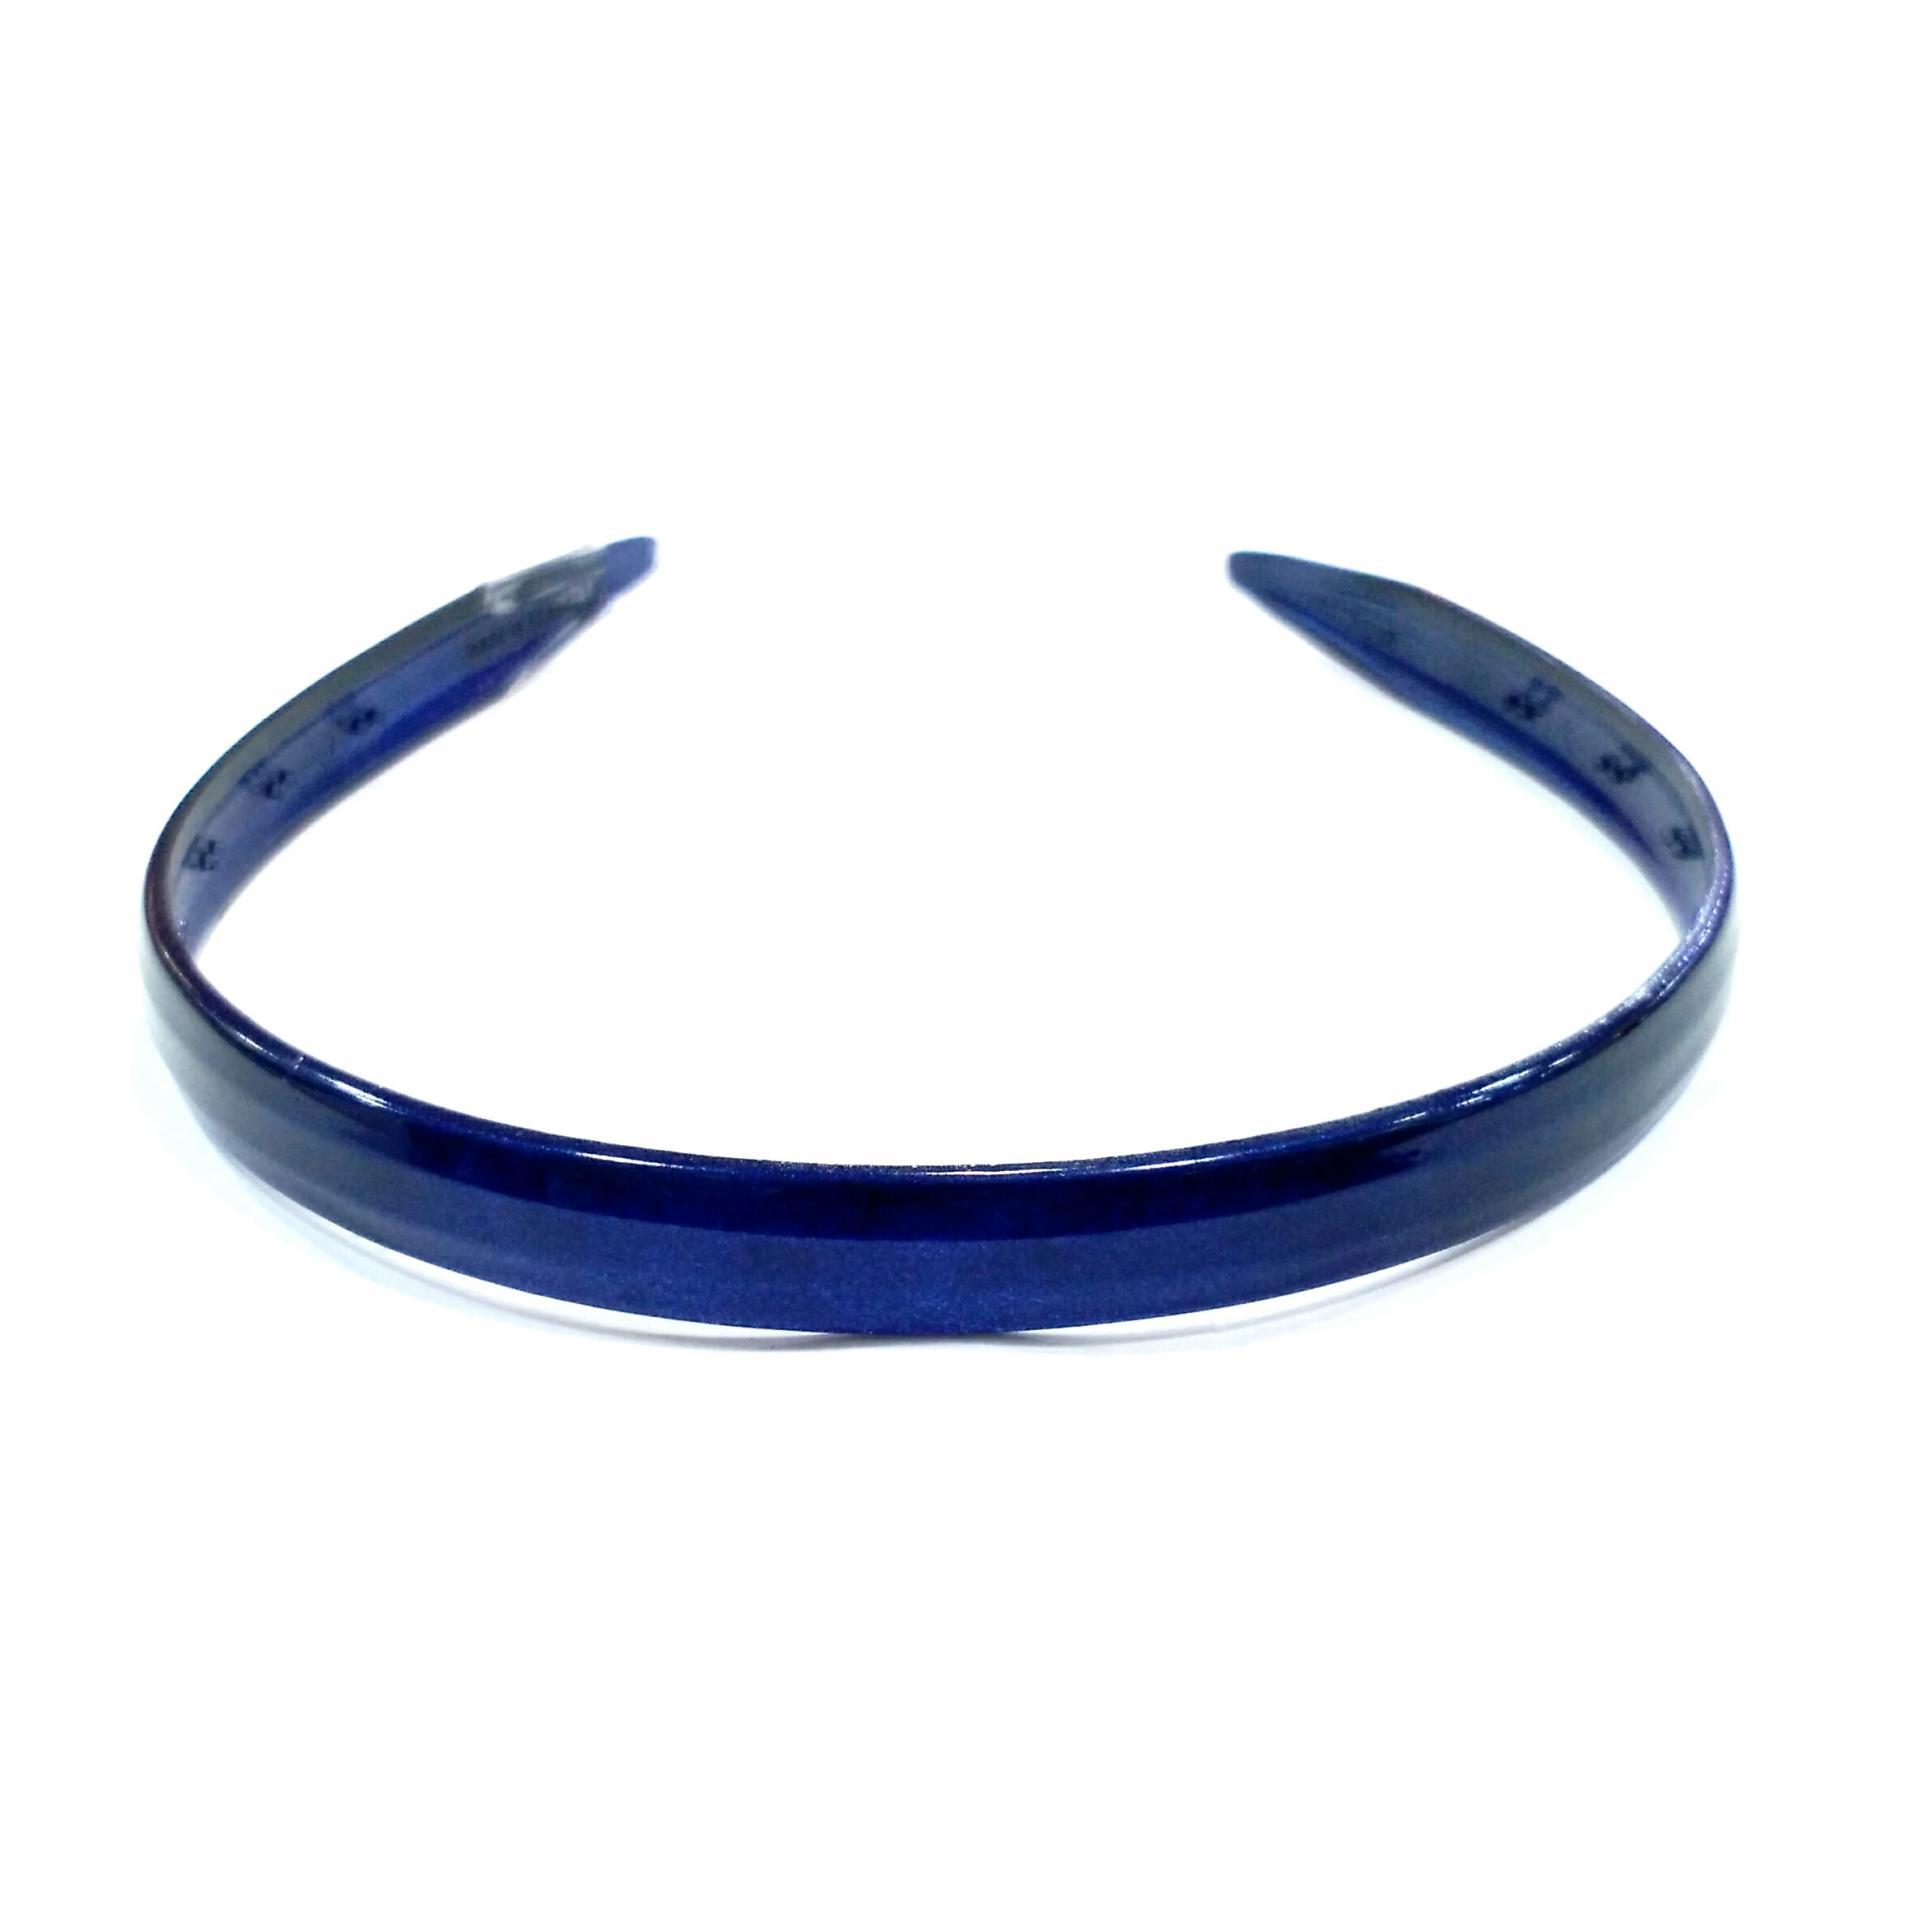 Diadema acetato azul marino estrecha